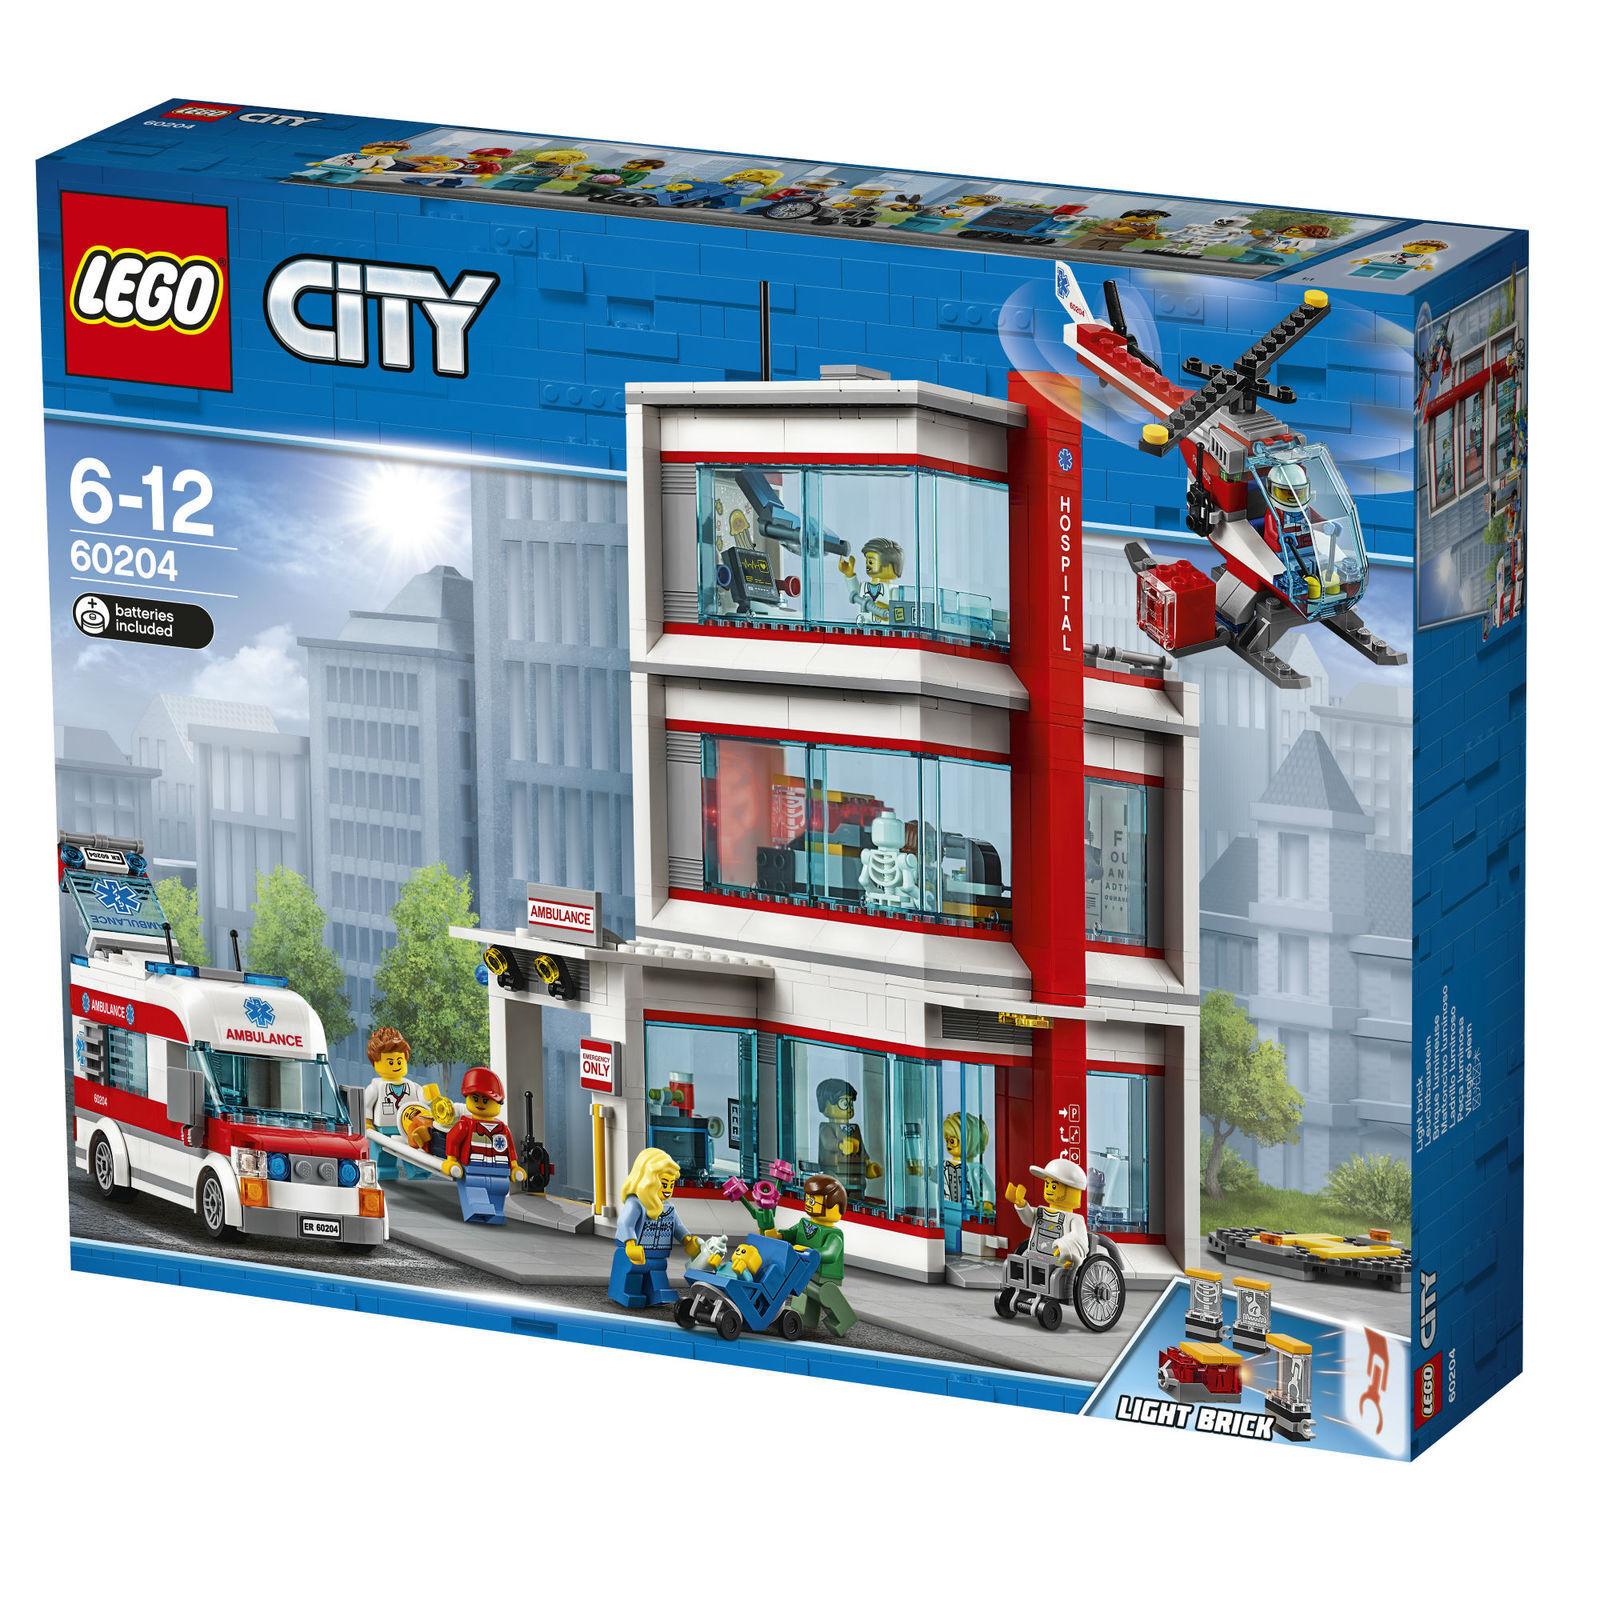 LEGO CITY 60204 KRANKENHAUS 6-12 JAHRE NEU + OVP